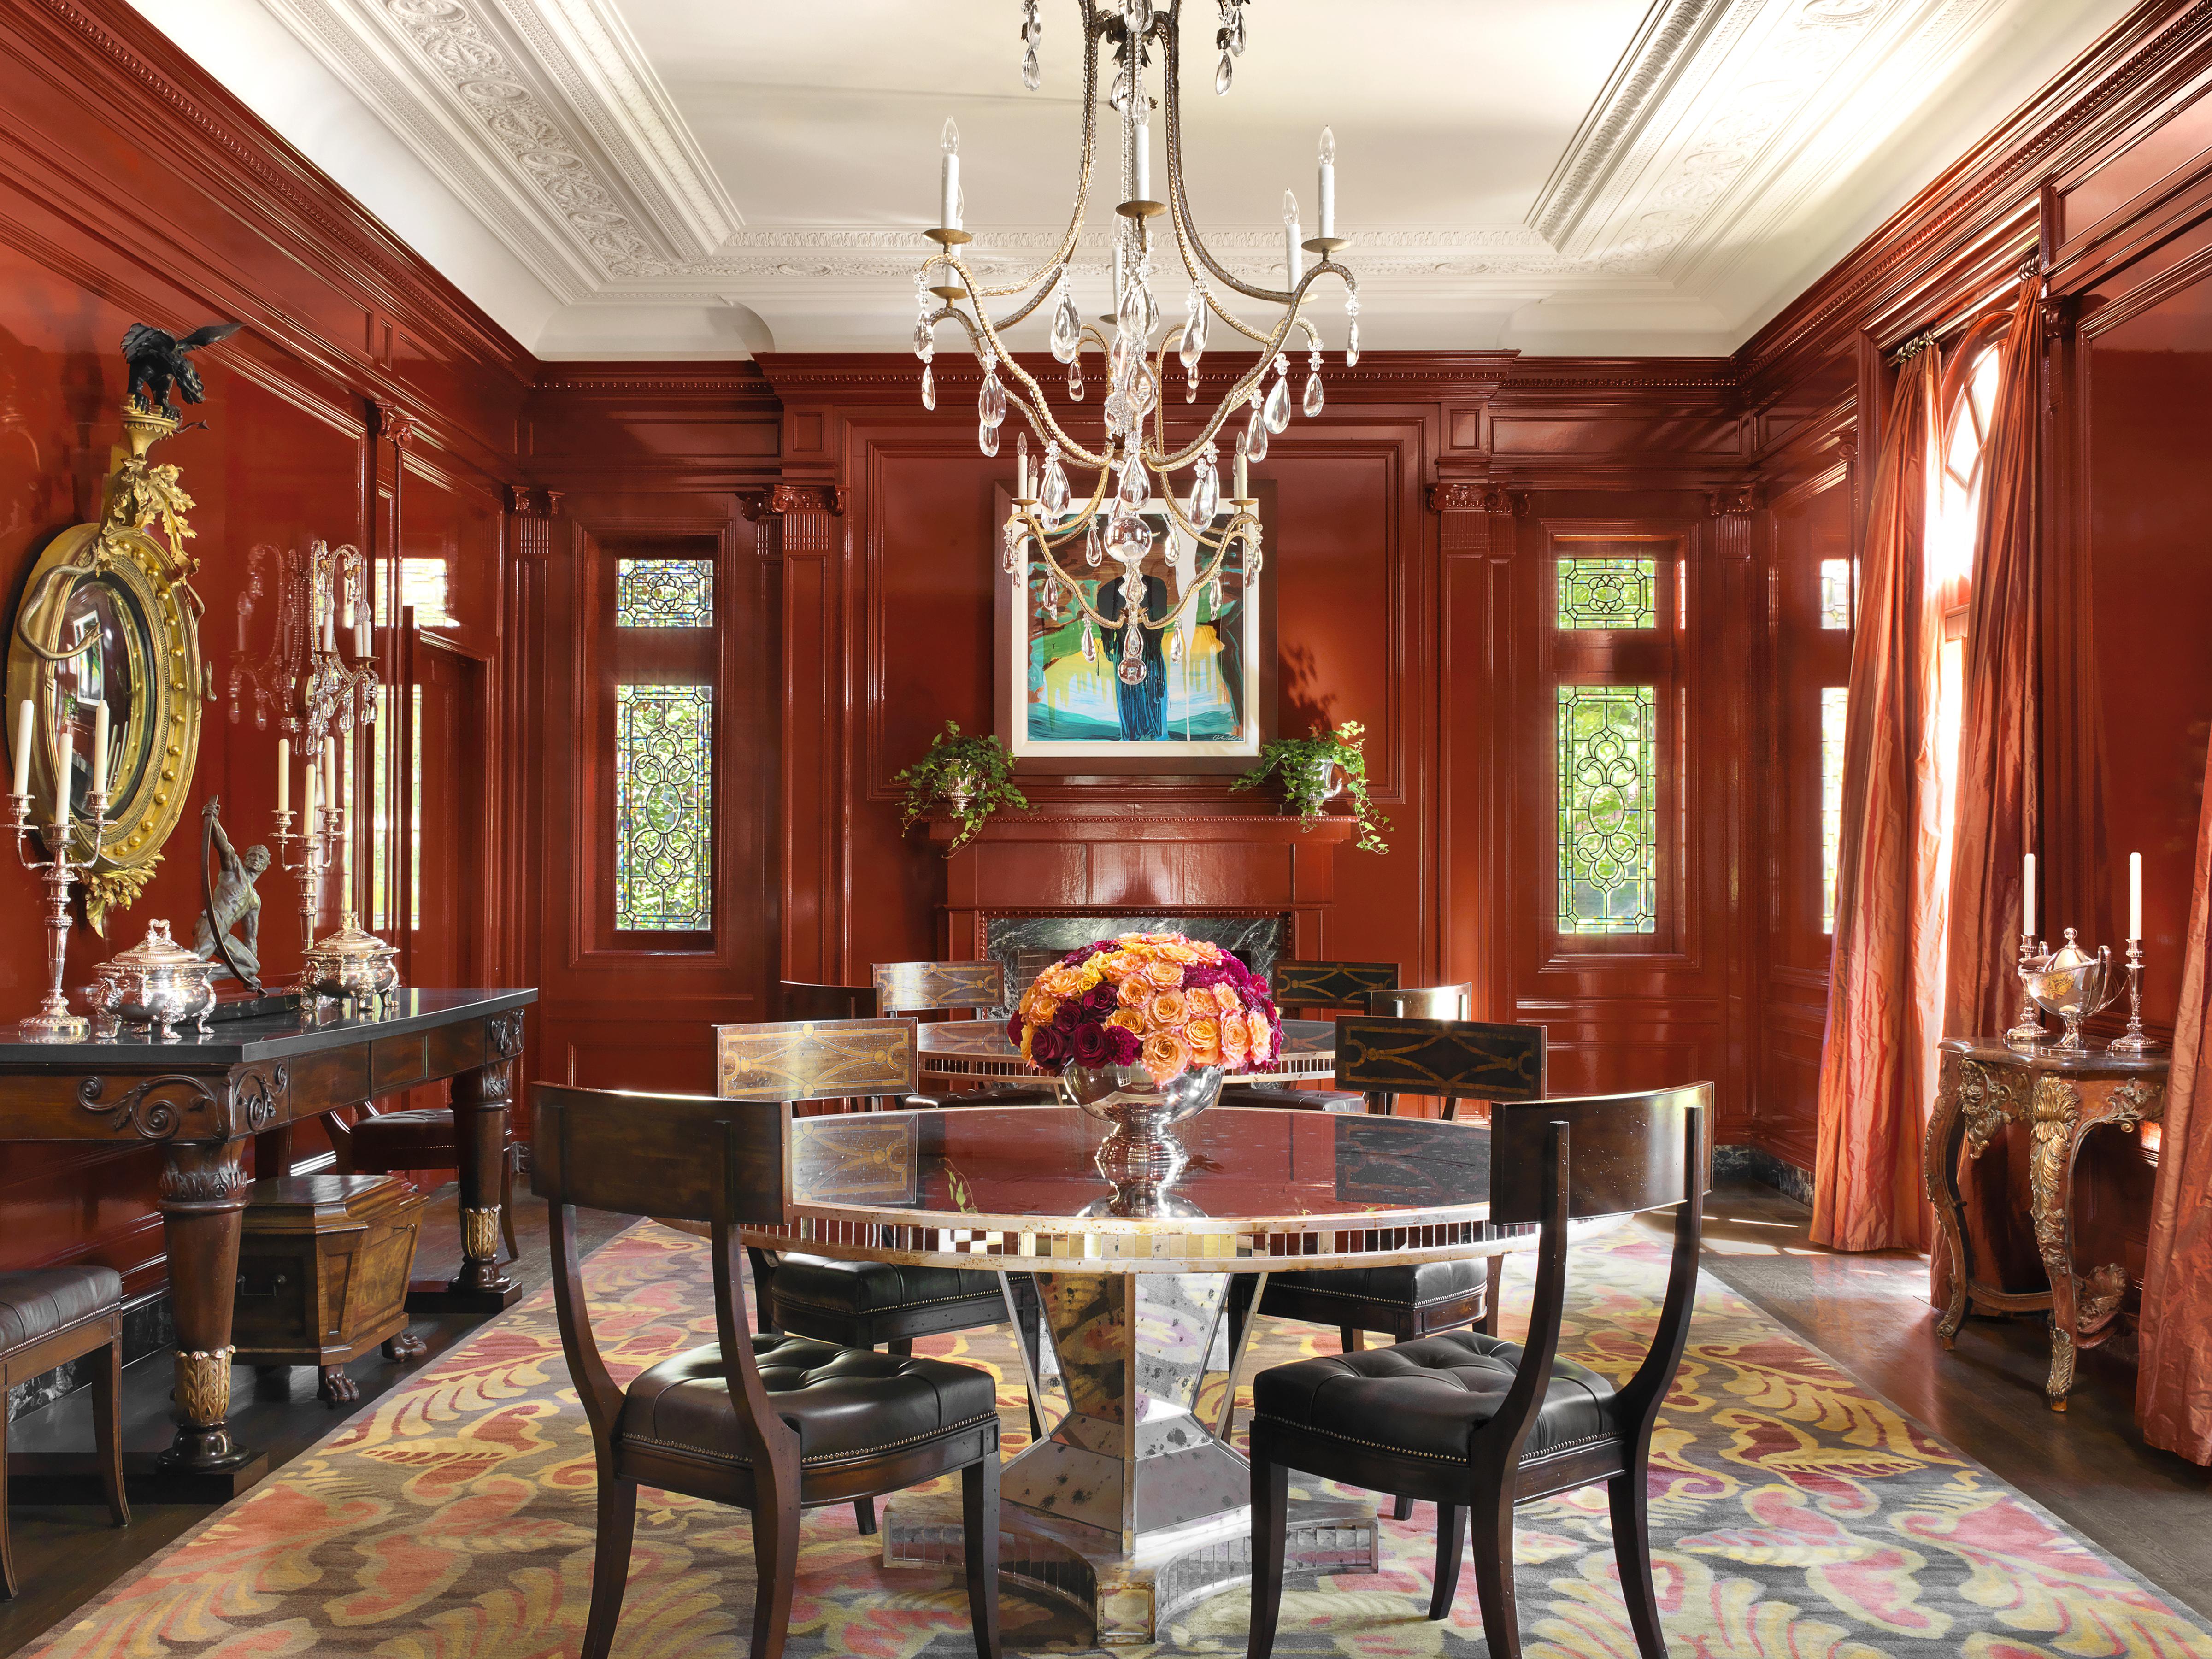 dining room v3.jpg